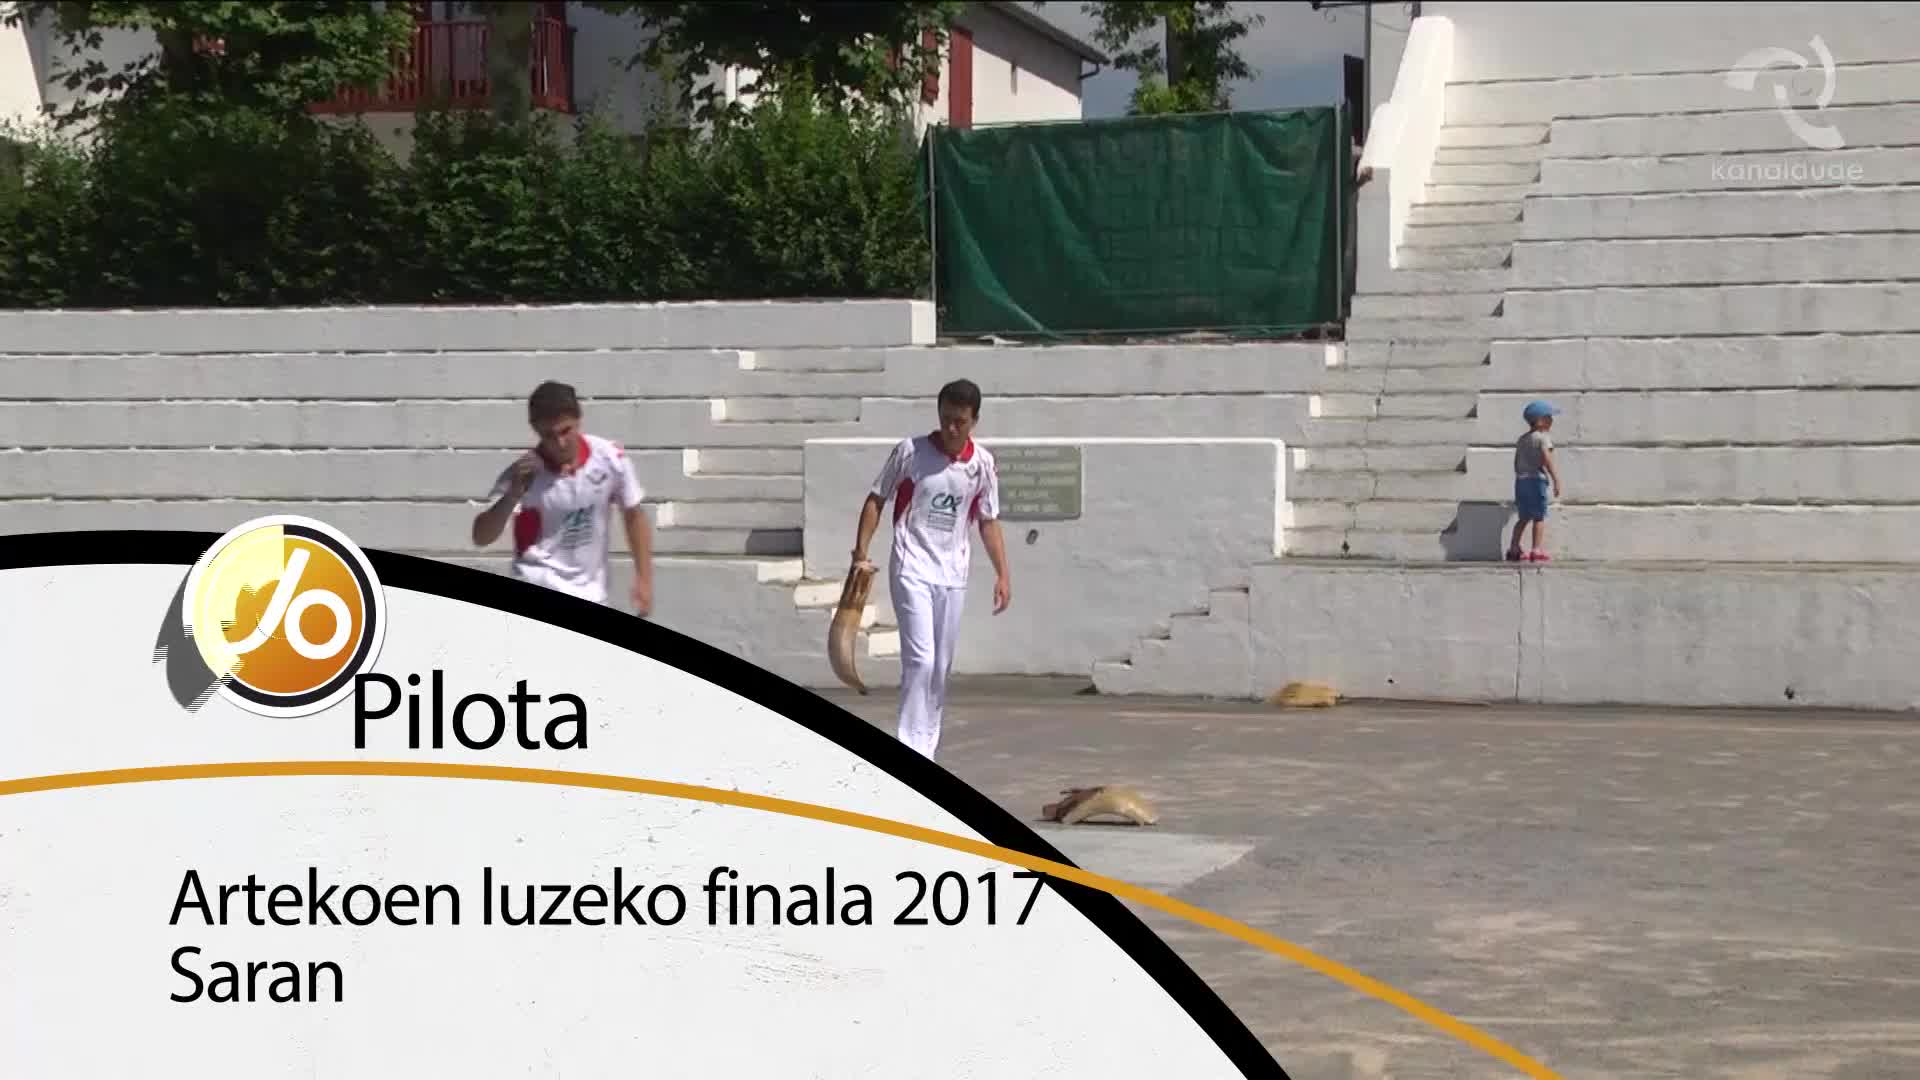 Artekoen luzeko finala 2017 Saran